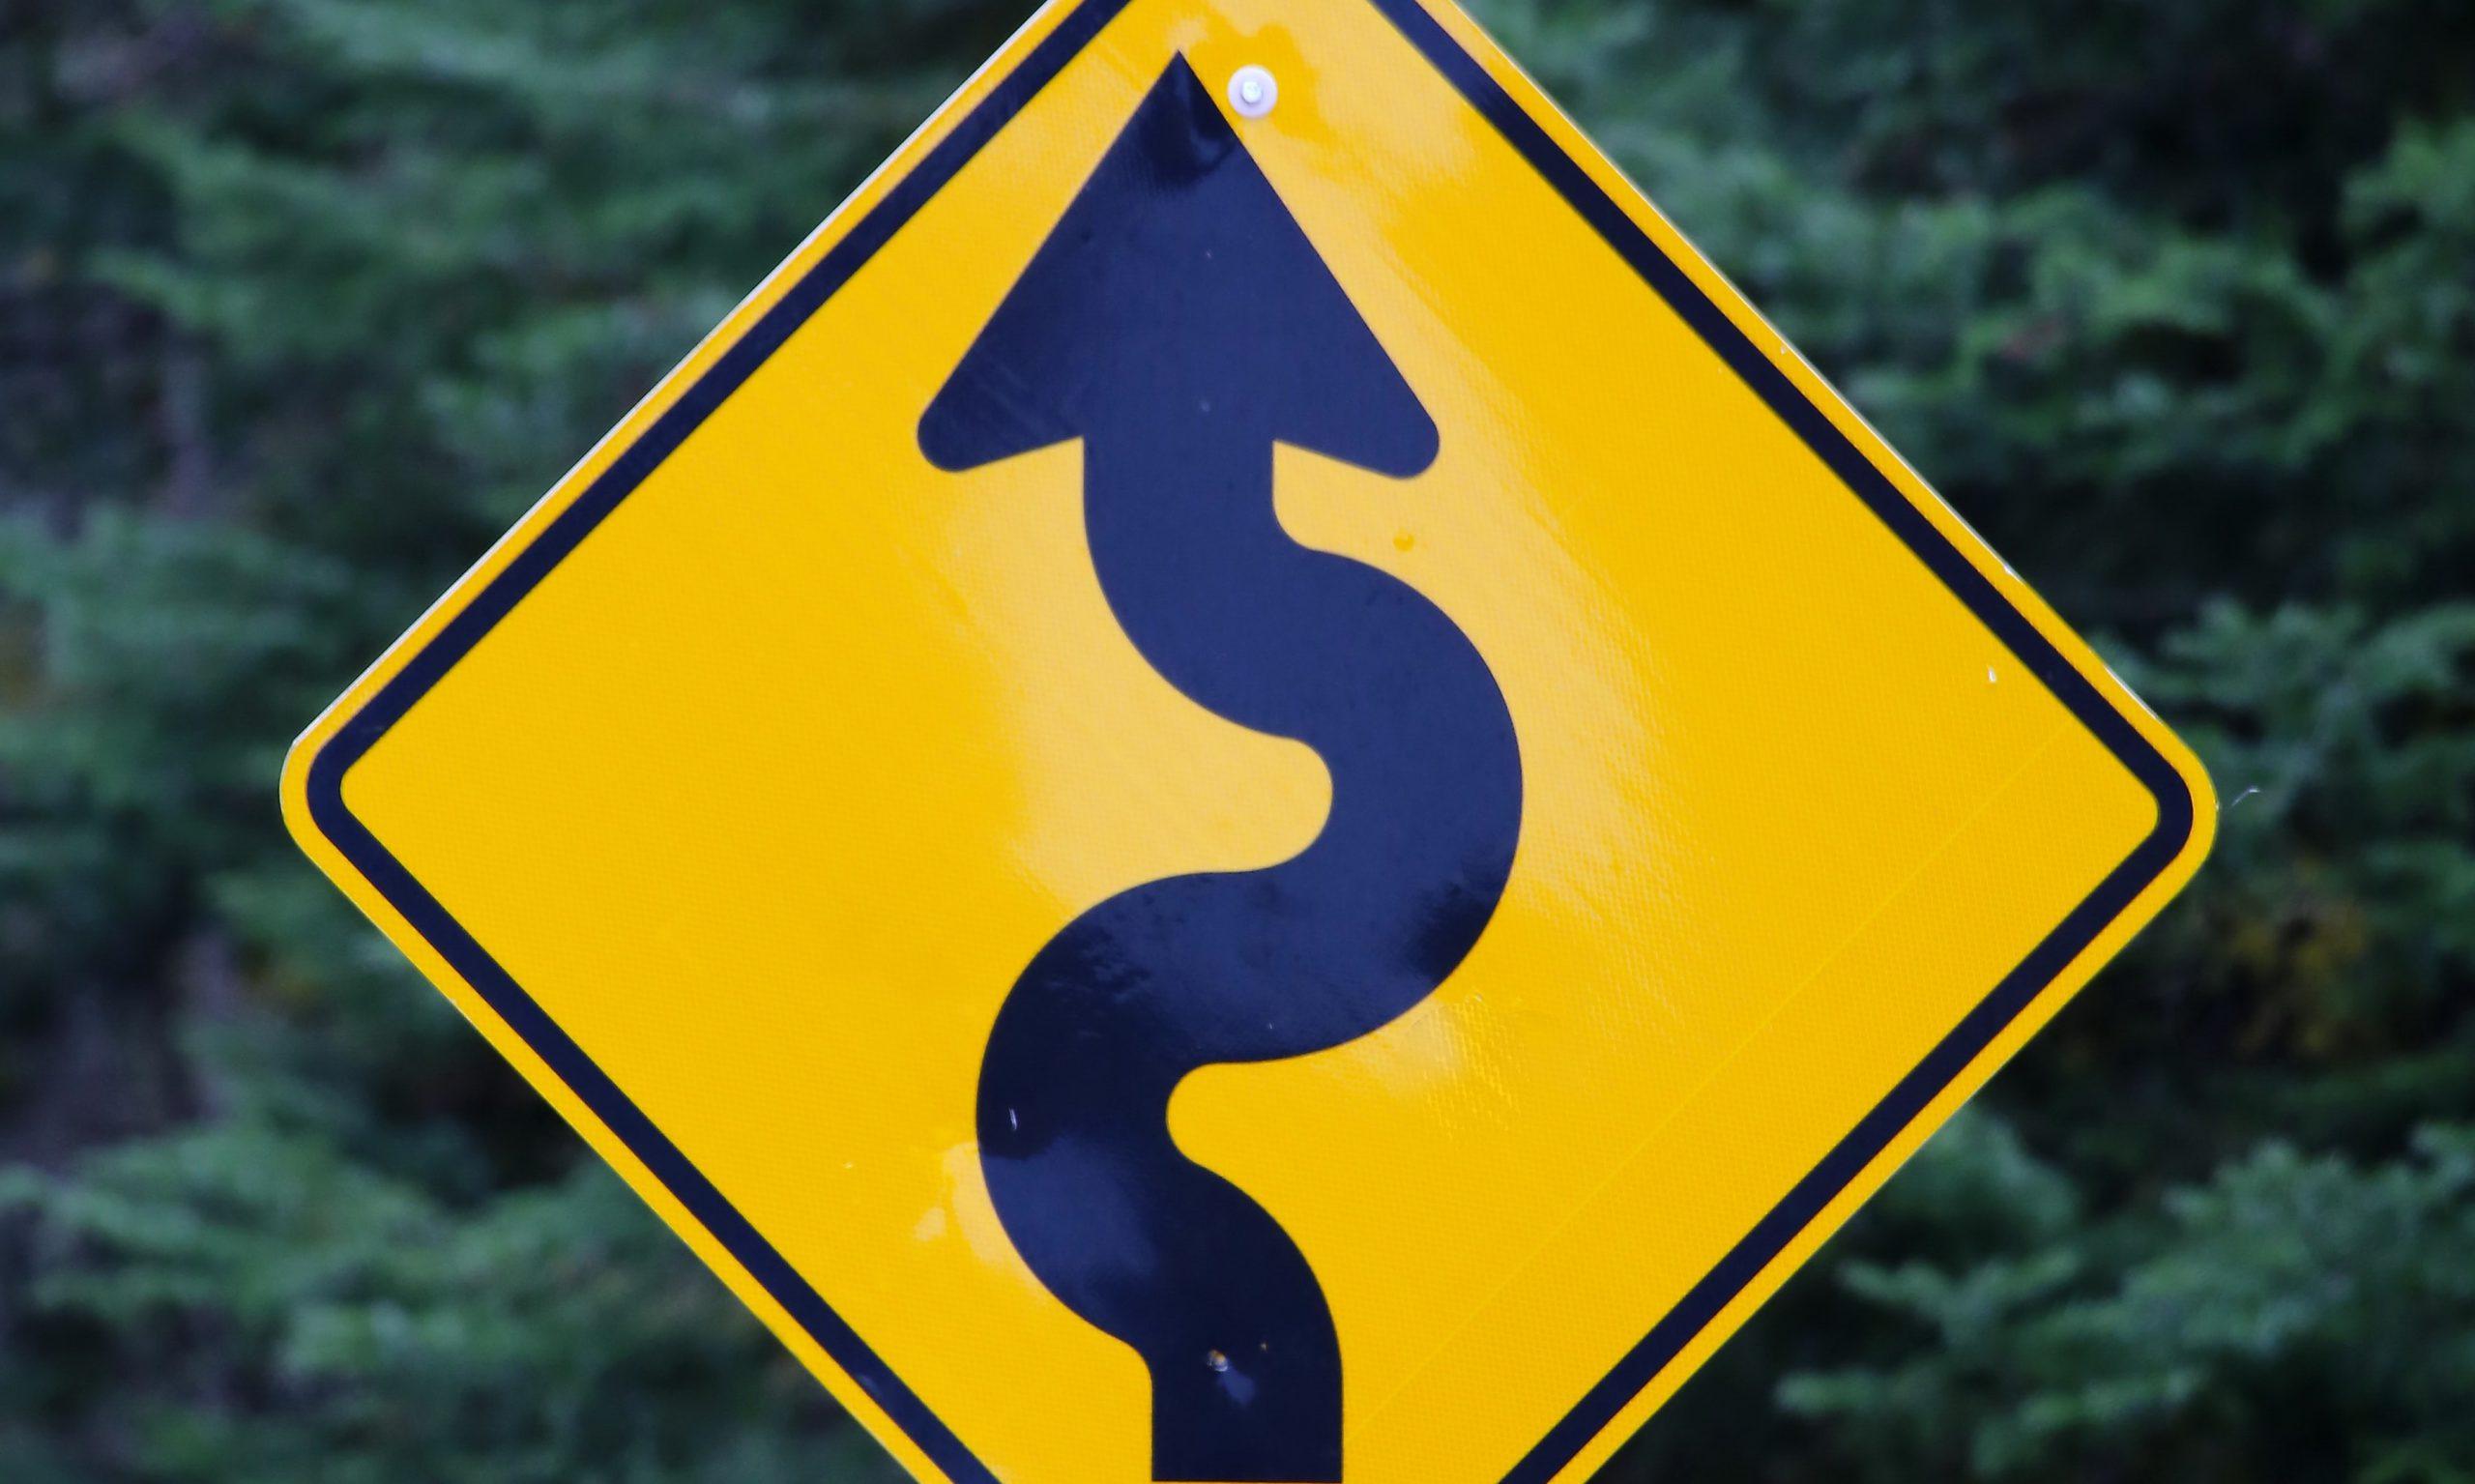 Roadmap Pfeil, Verkehrsschild mit Schlangenlinie